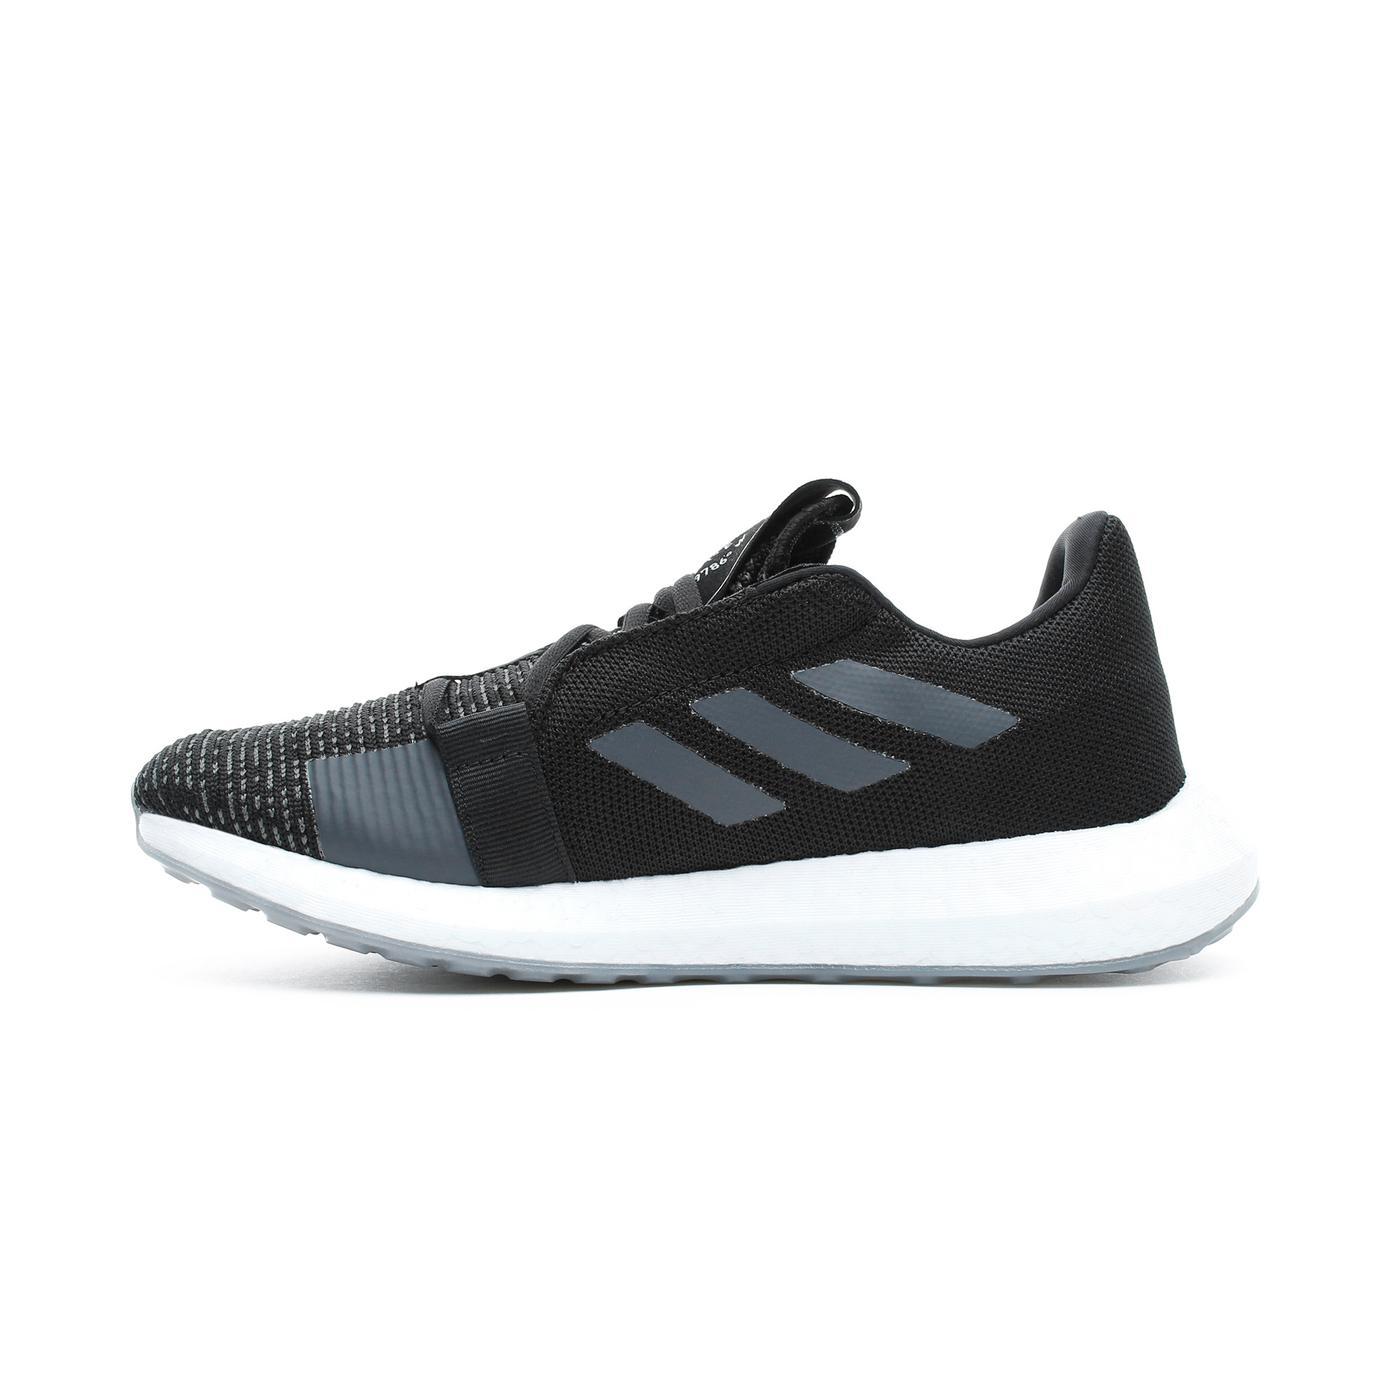 adidas Senseboost Go Kadın Siyah Spor Ayakkabı